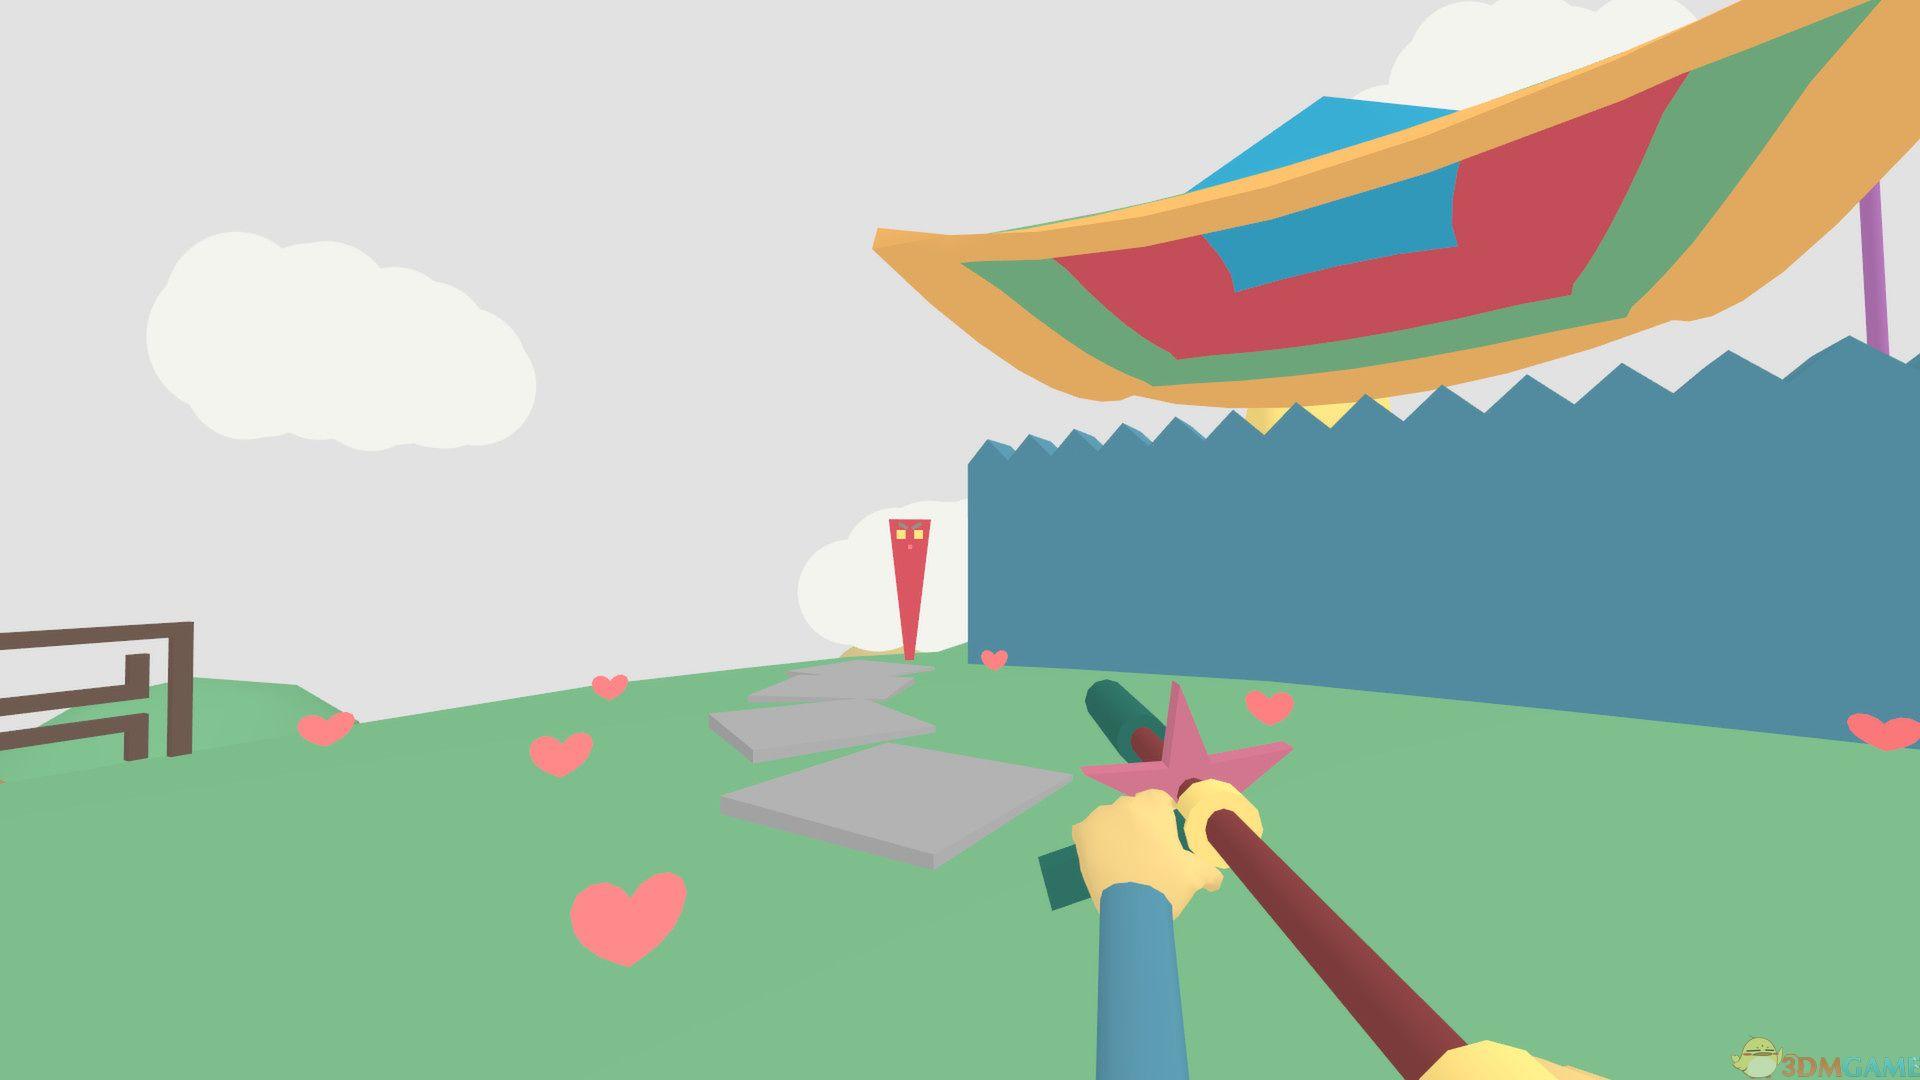 可爱星球截图_可爱星球壁纸_人设_logo_原画_3DMGAME单机游戏 www.3dmgame.com